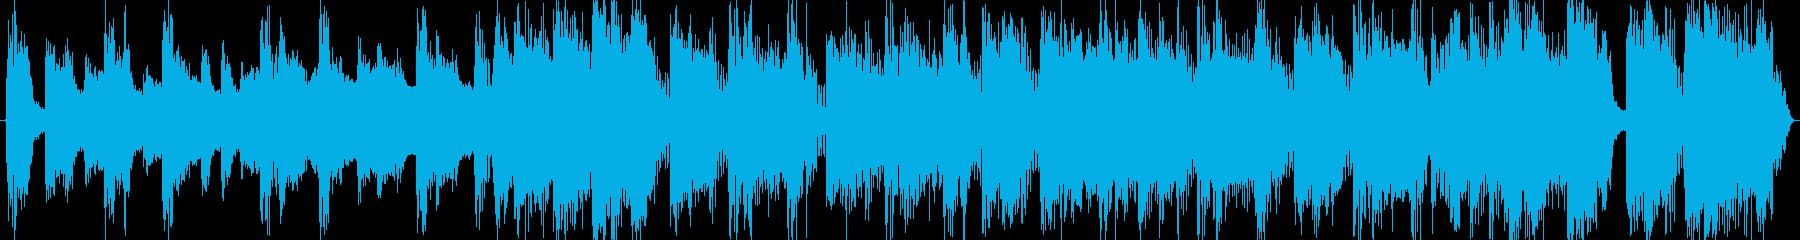 出囃子CMオープニング入場シングルロックの再生済みの波形